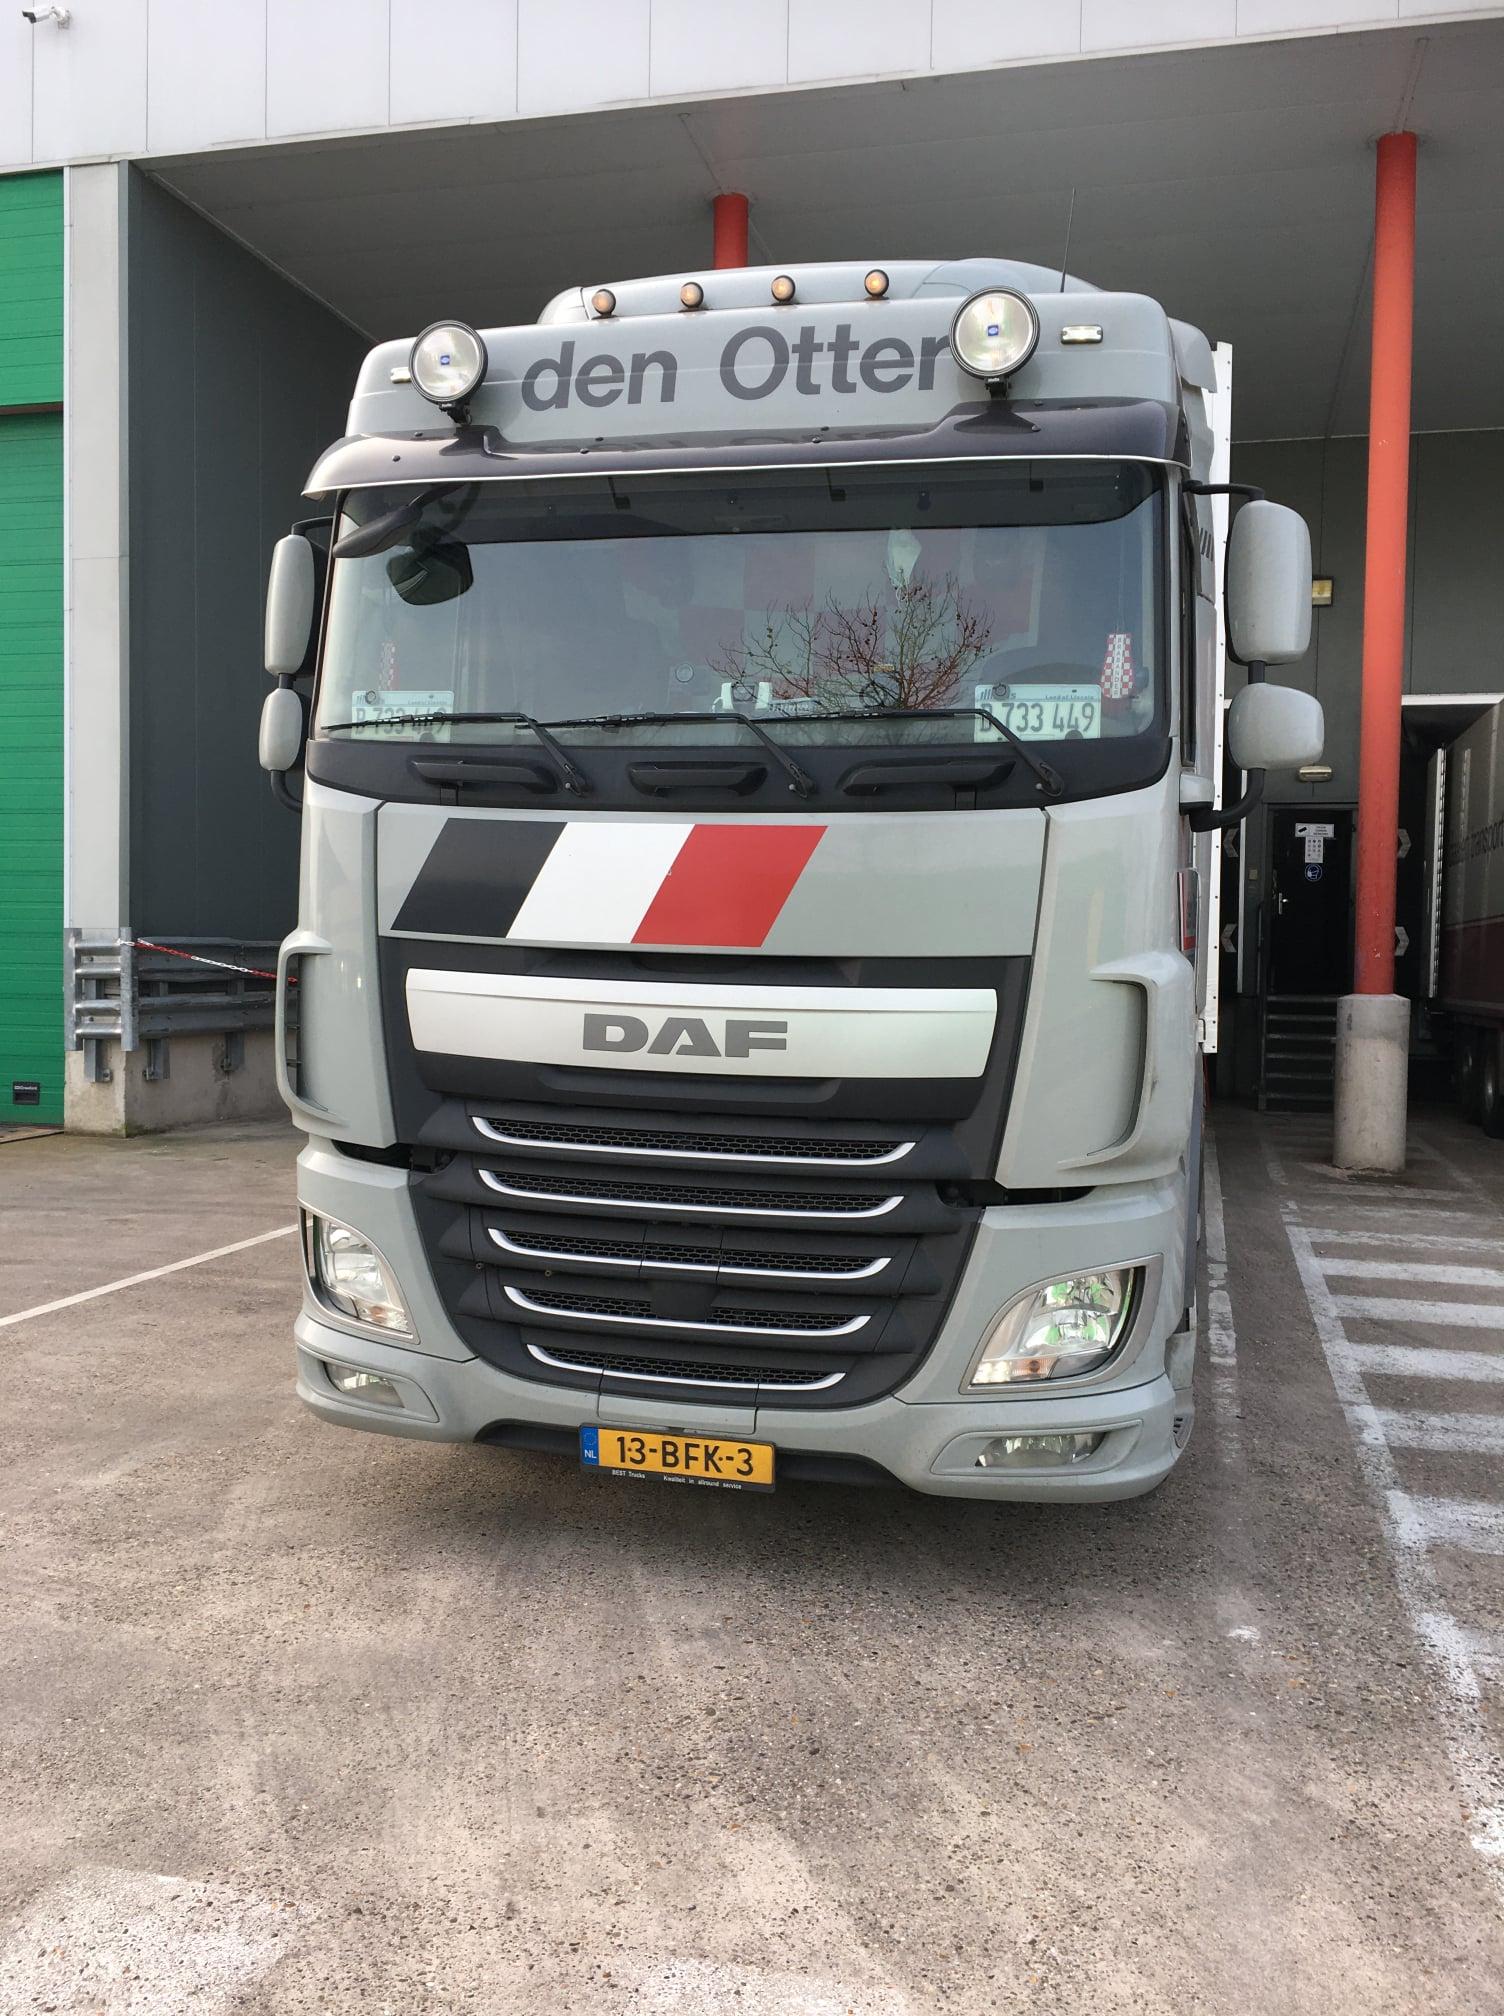 Daf-thuis-op-de-parking-foto-Jan-Van-Pelt--23-2-2021